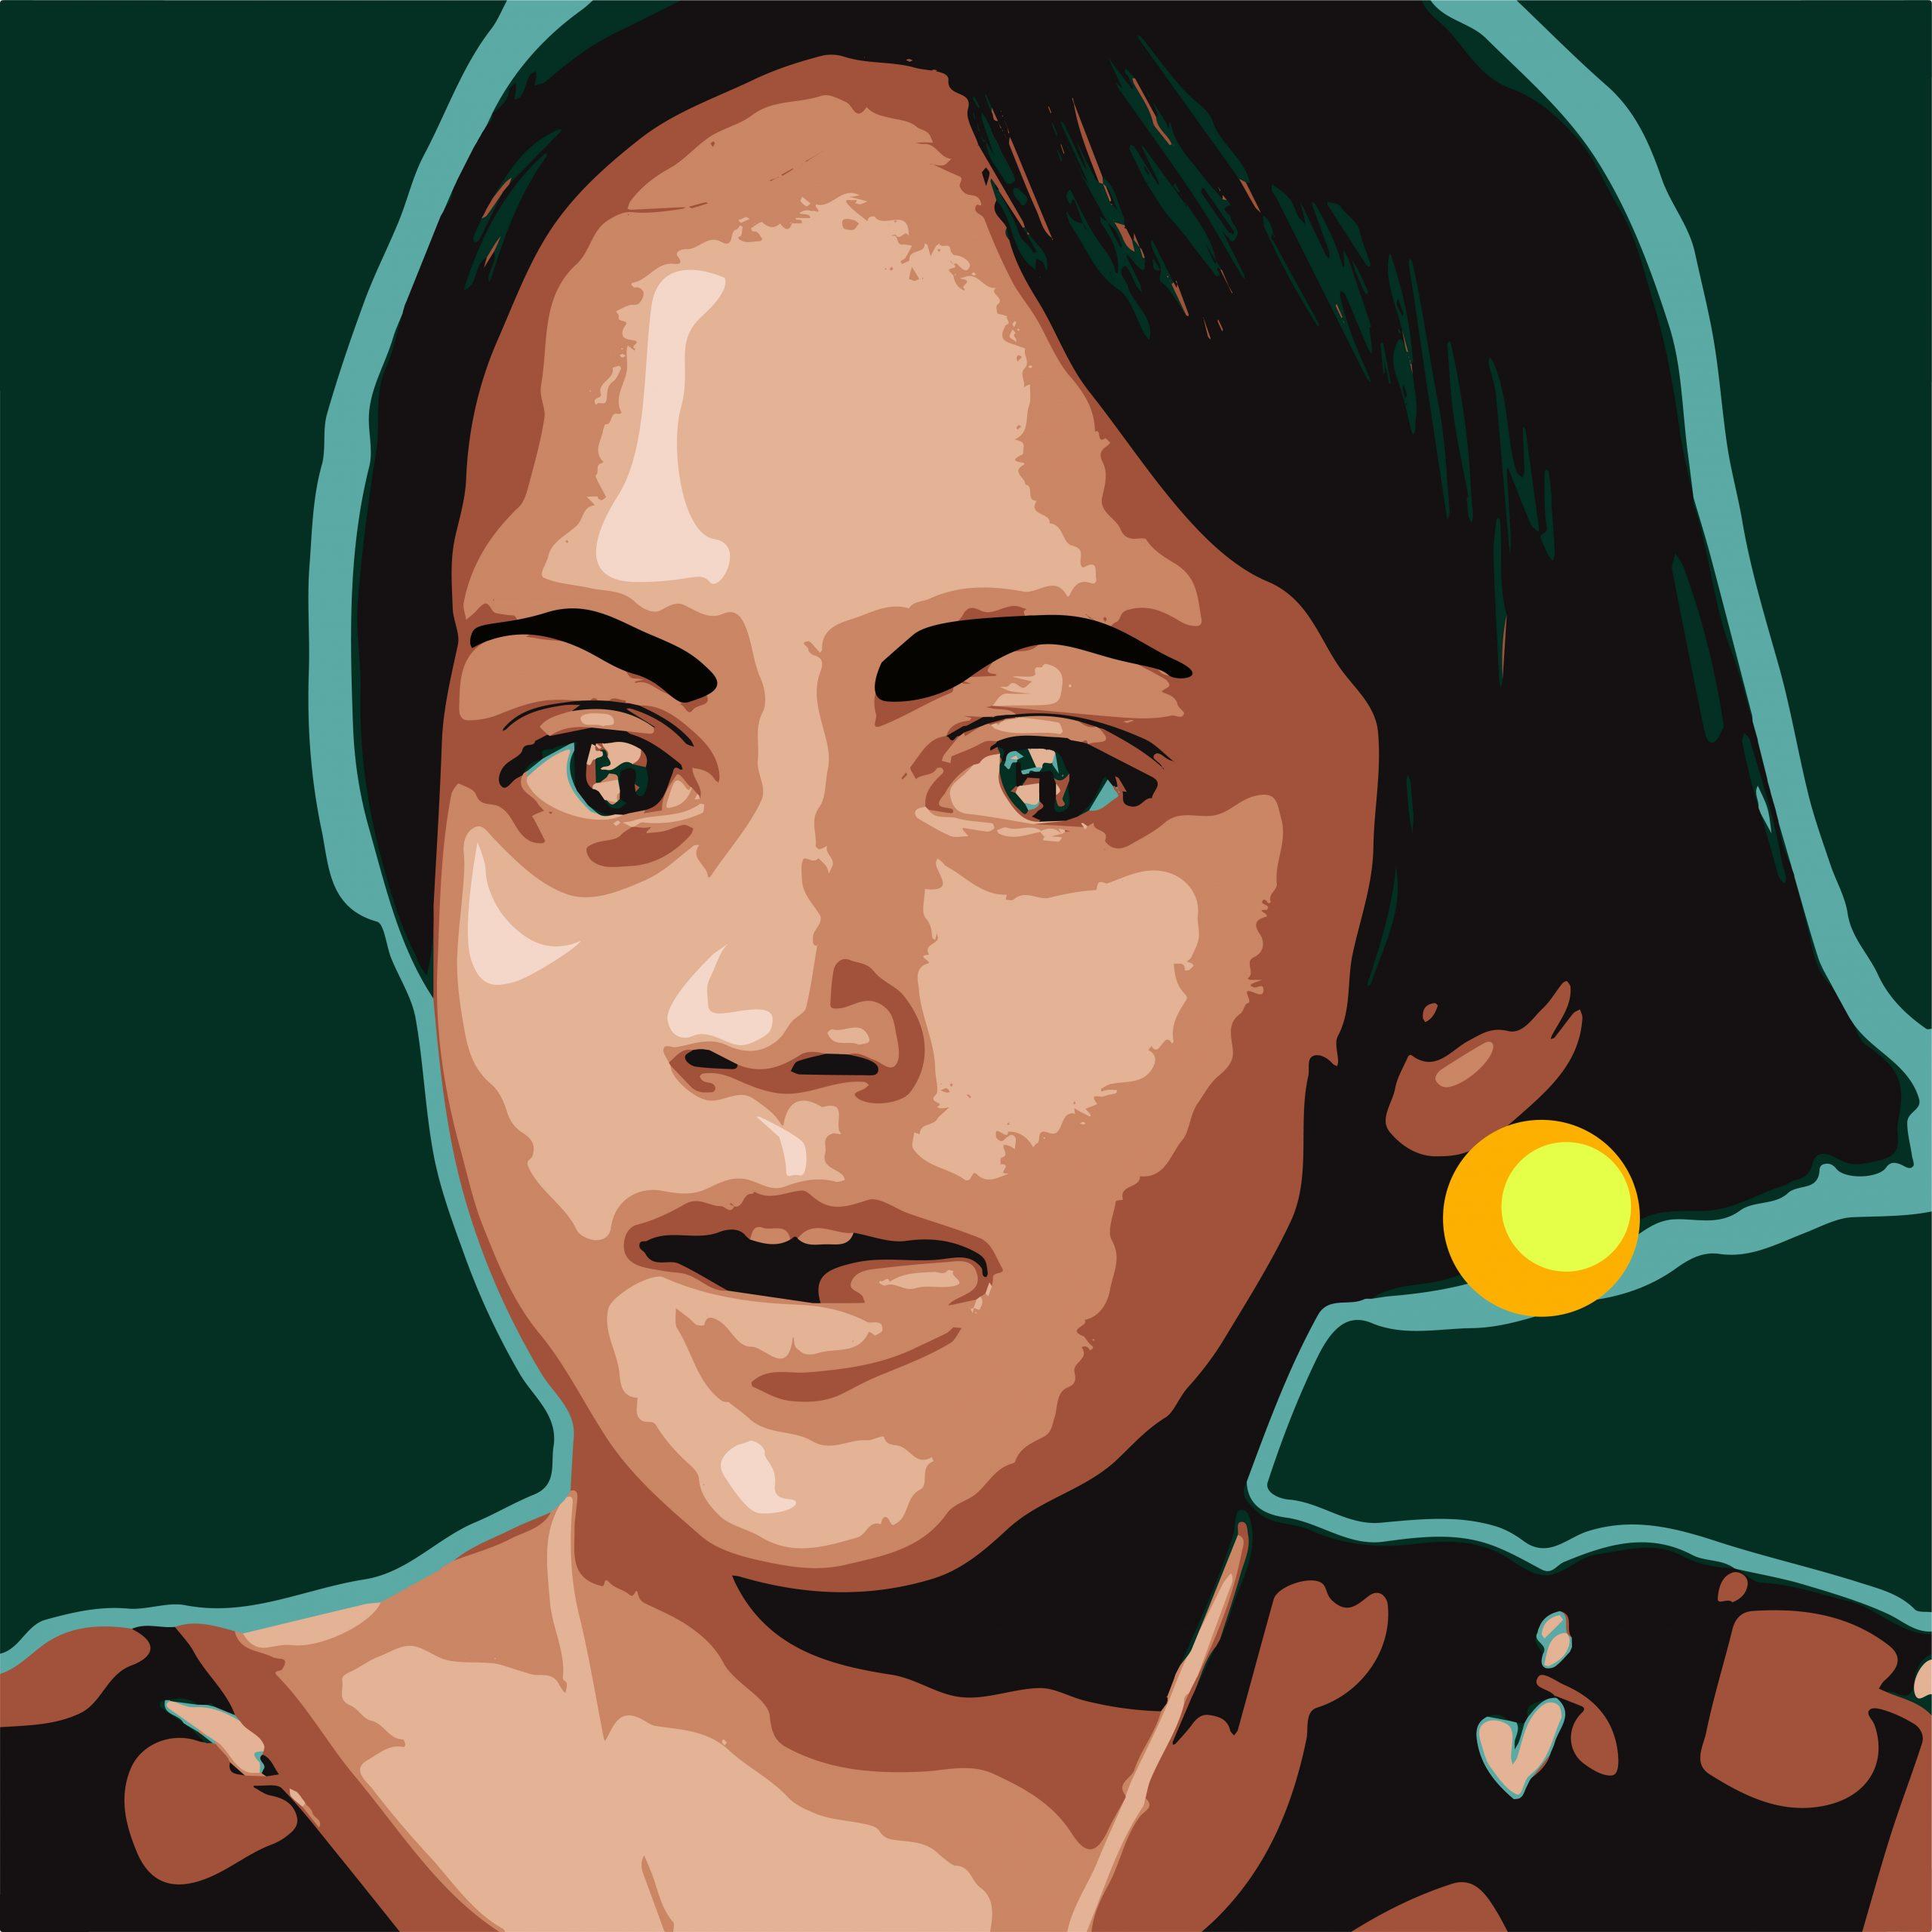 Lady face Portrait Illustration